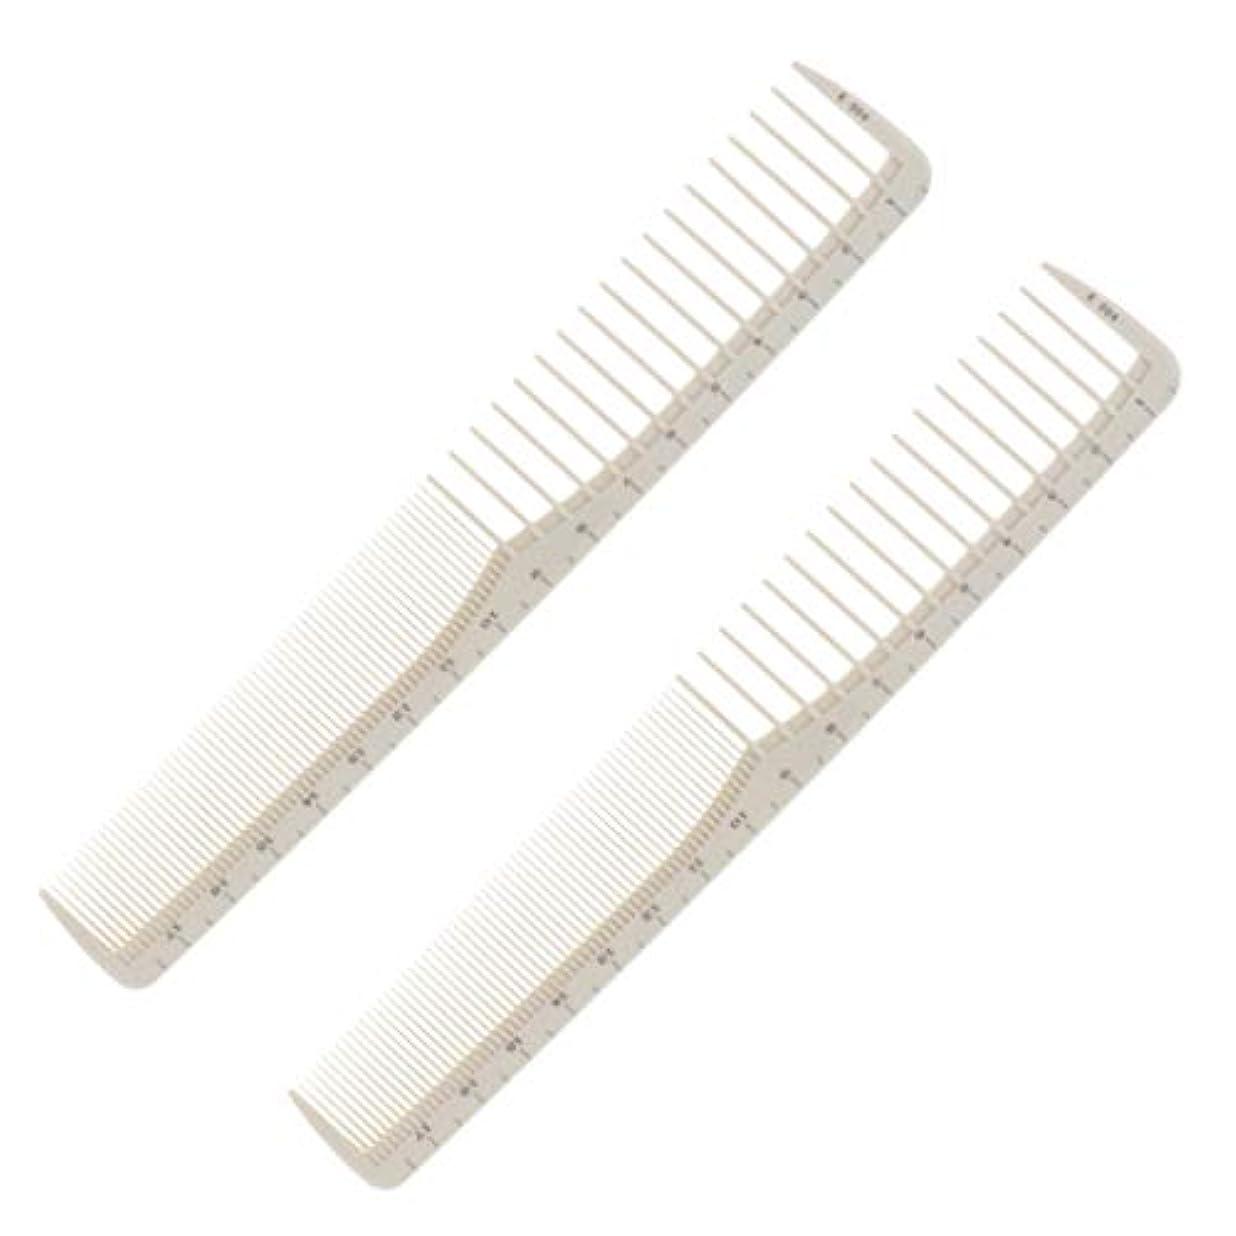 十代投資する再発する樹脂 コーム 髪櫛 ヘアカットコーム 低静電気 耐熱性 軽量 サロン 家庭用 スケール付き 2本入り